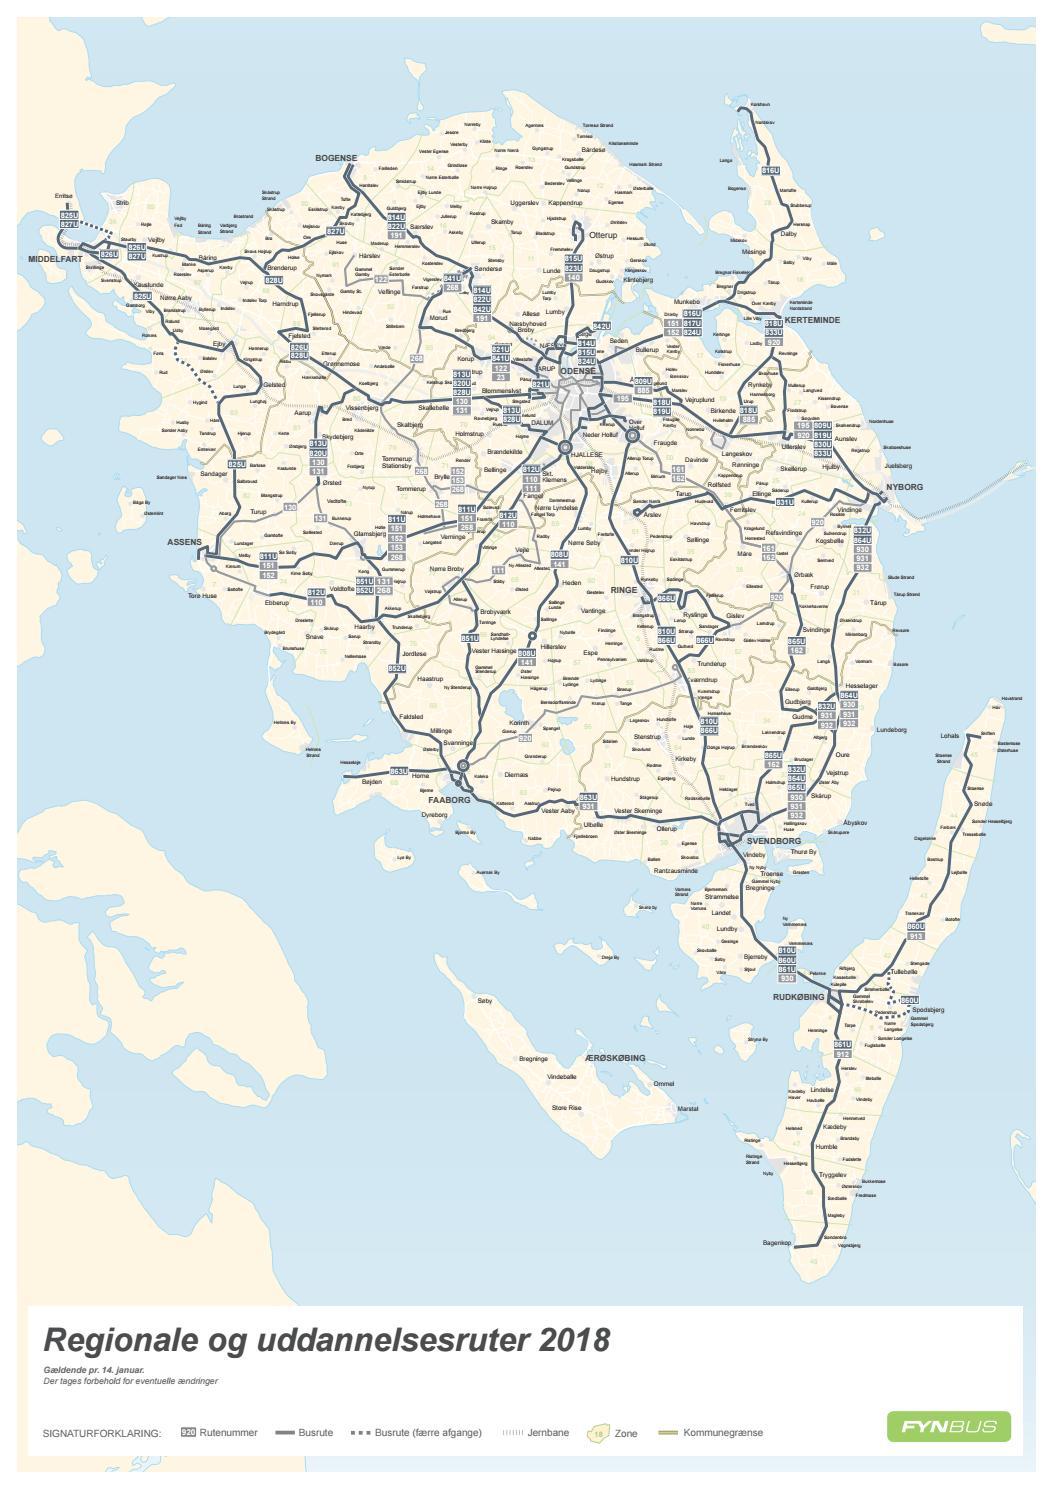 Kort Over Regionale Og Uddannelsesruter Fyn Odense Gyldig 14